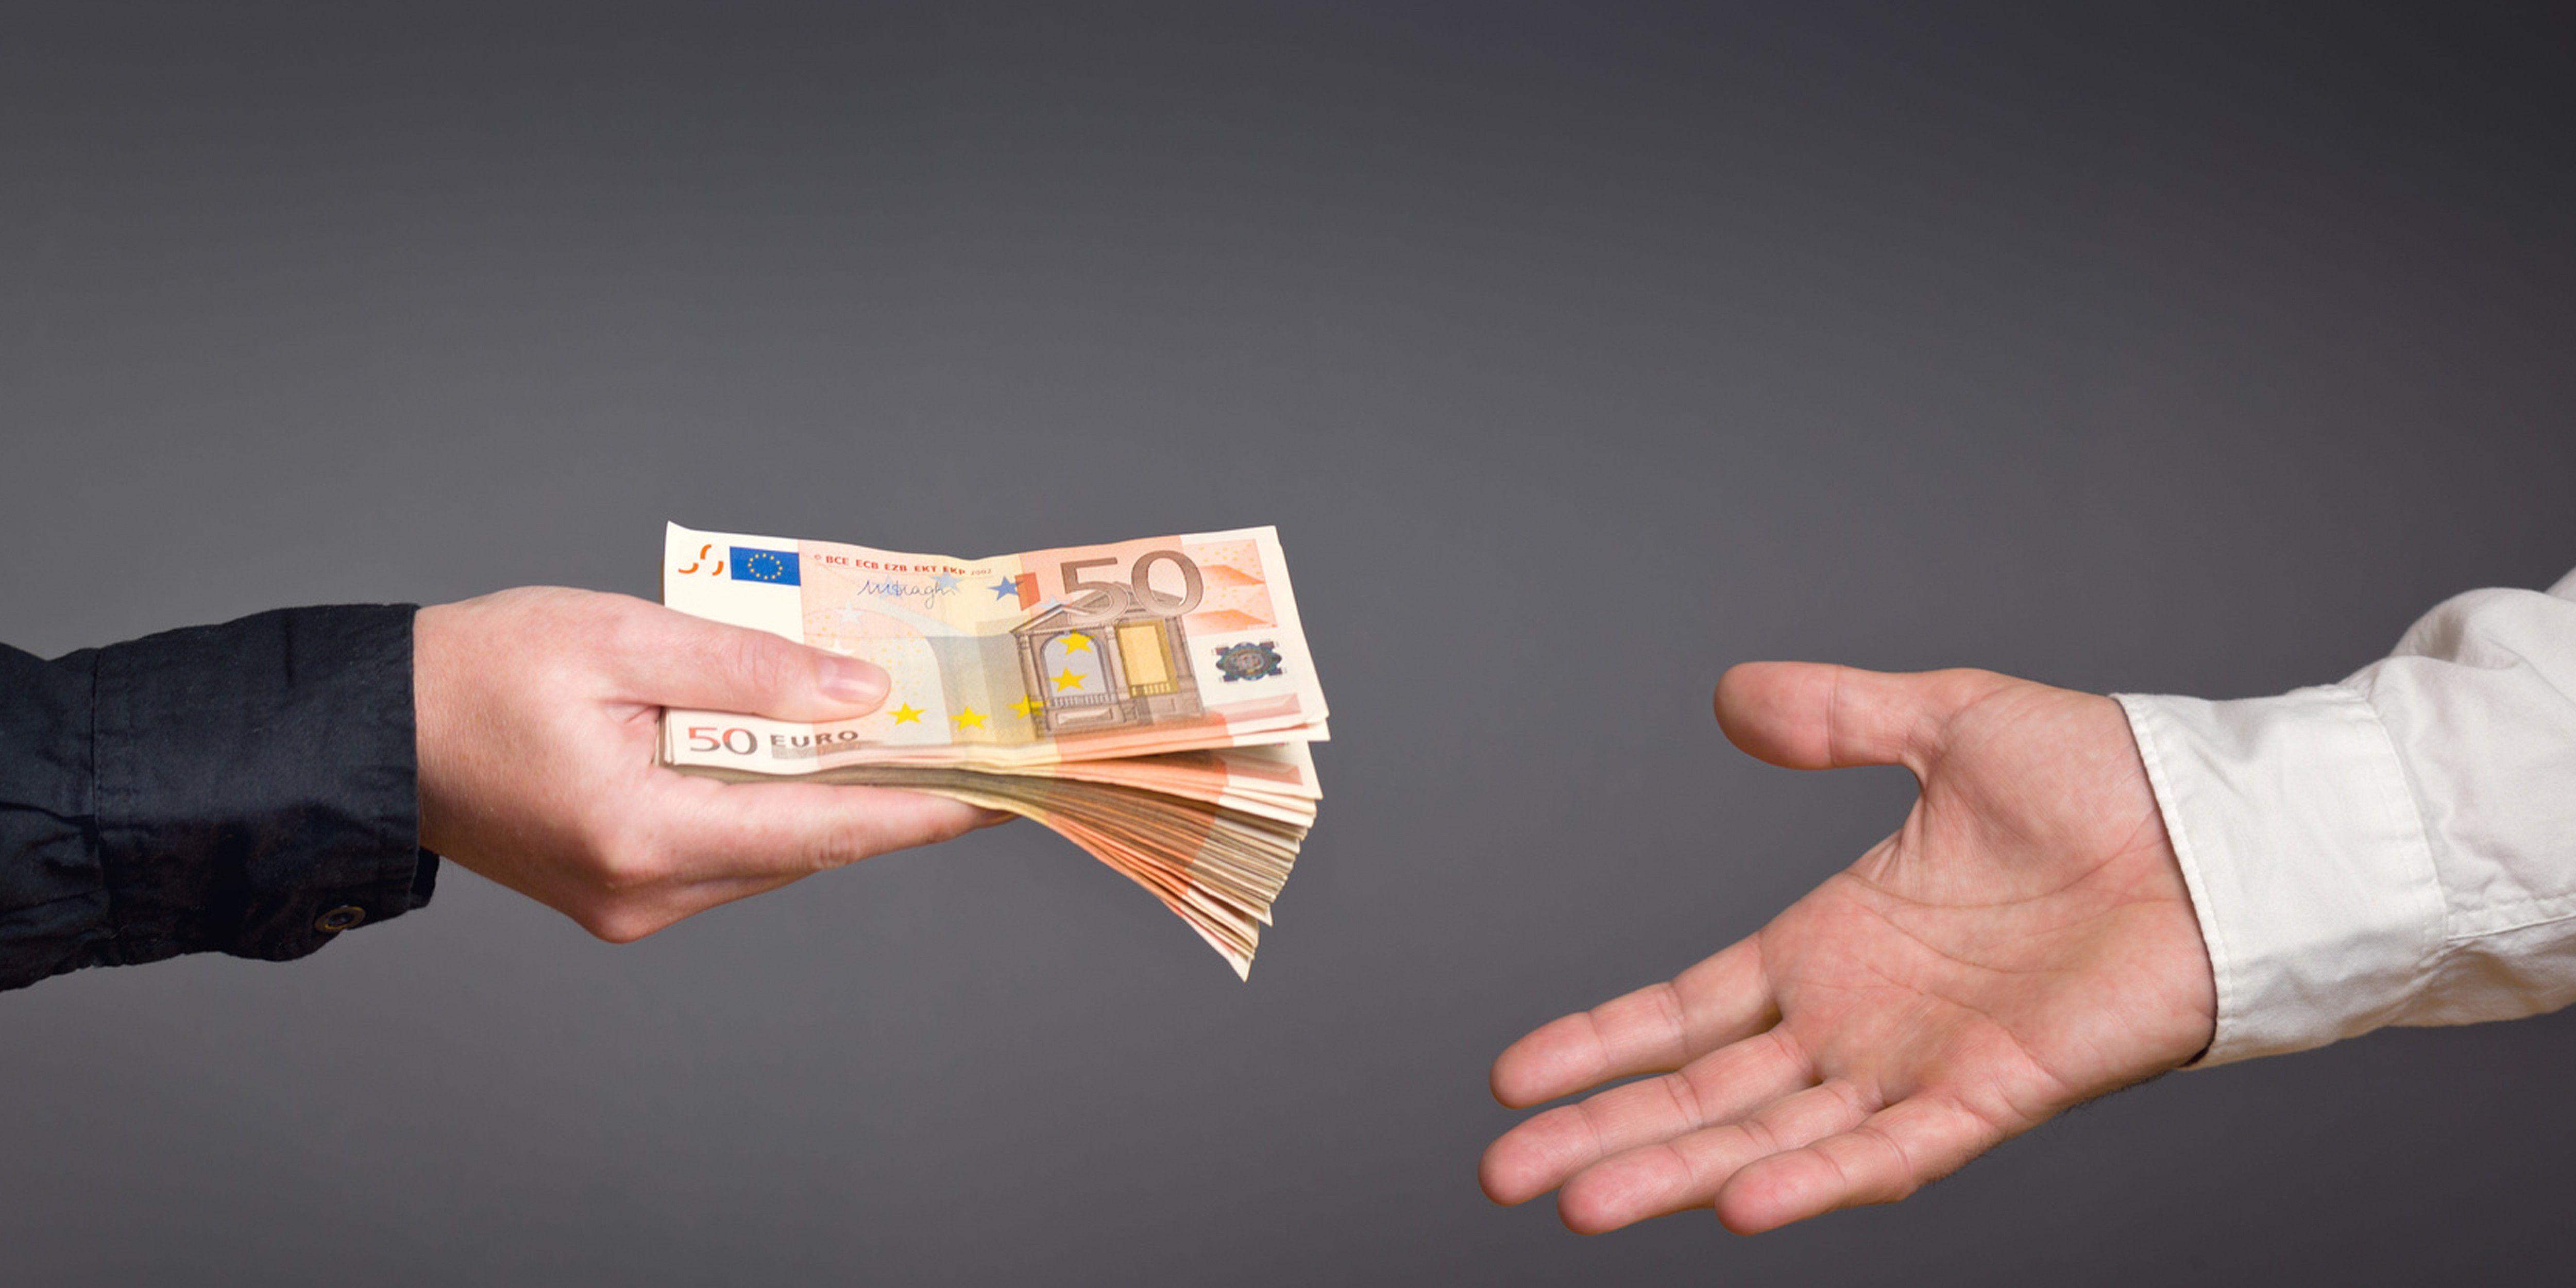 займы онлайн наличными в красноярске под расписку